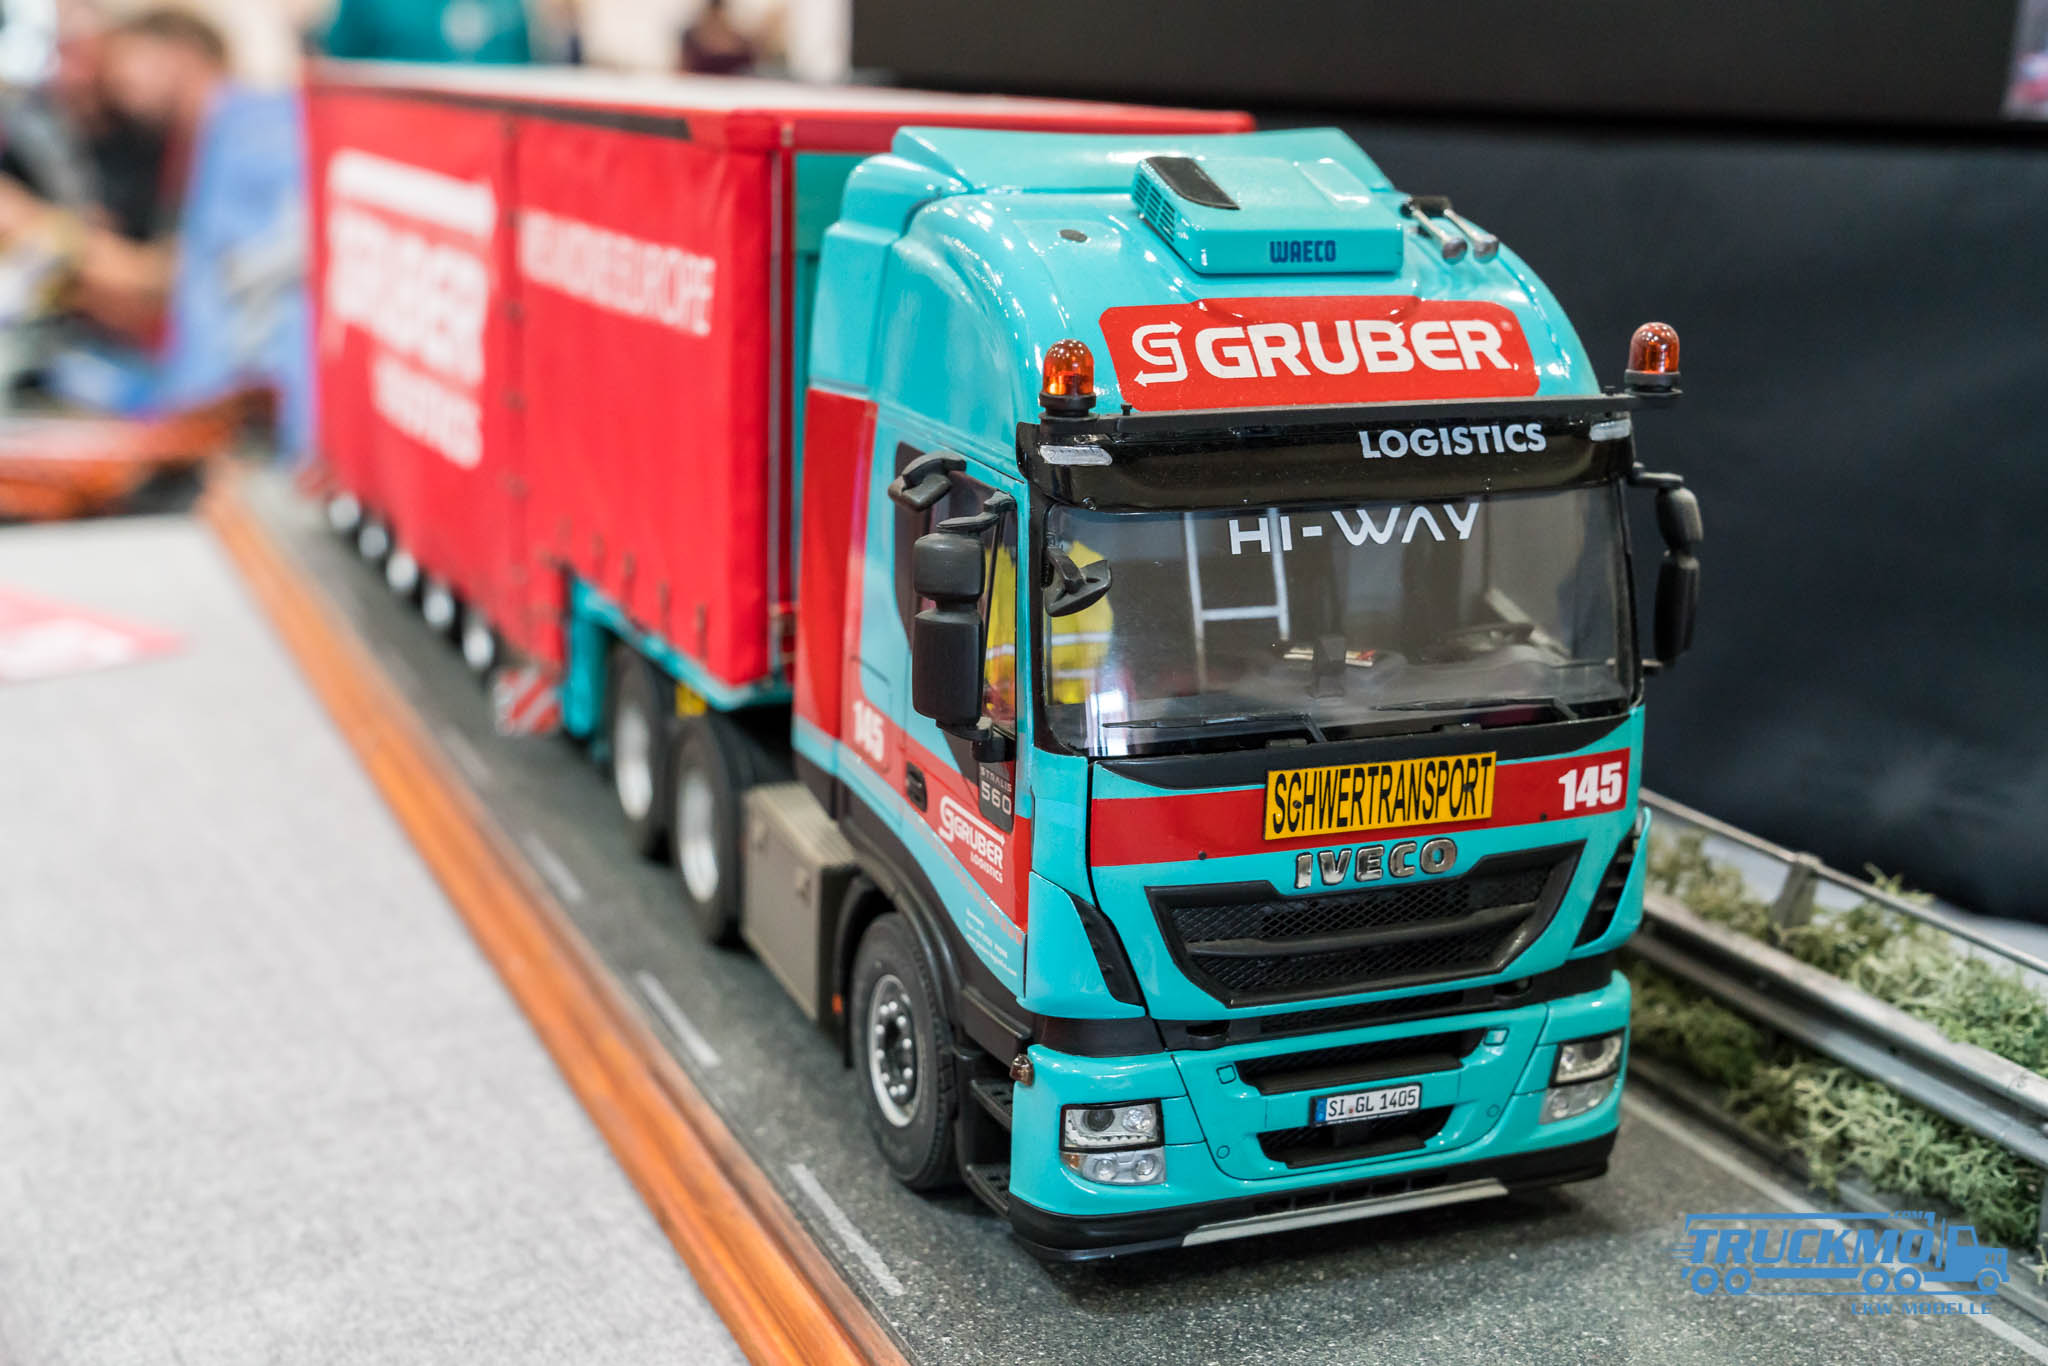 Truckmo_Modellbau_Ried_2017_Herpa_Messe_Modellbauausstellung (393 von 1177)